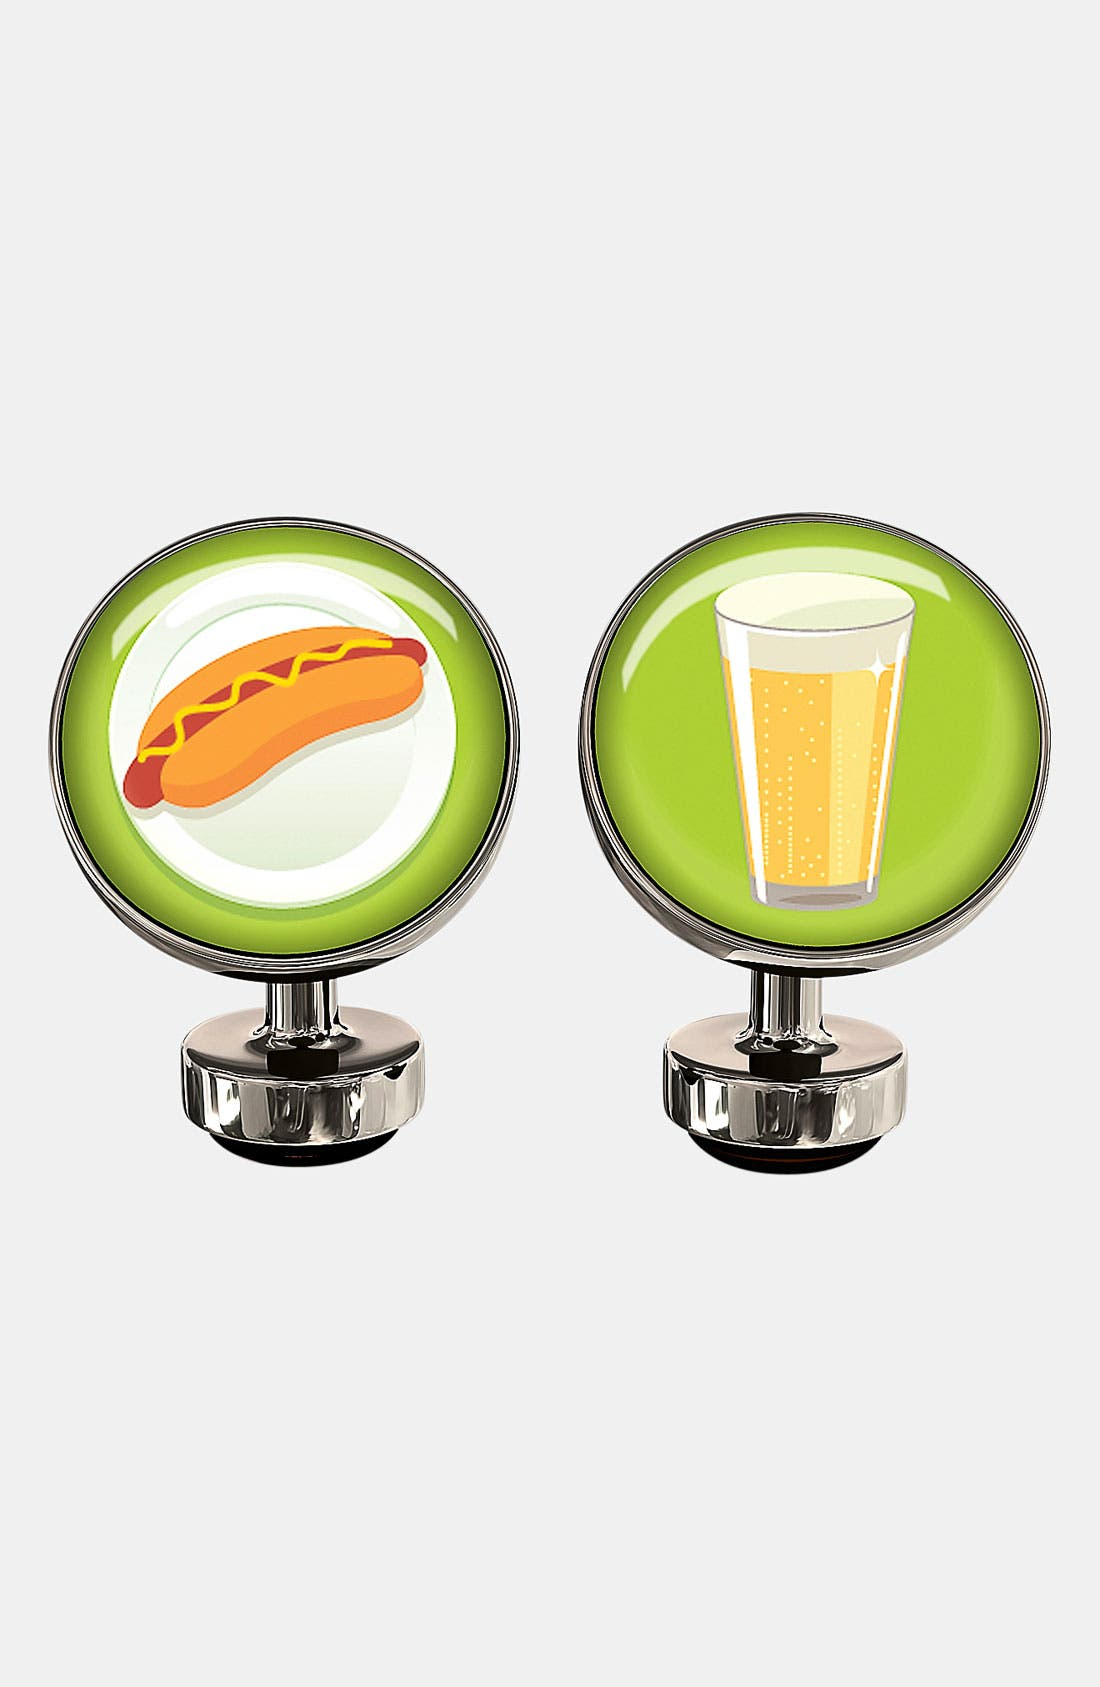 Main Image - Würkin Stiffs 'Hot Dog & Beer' Round Cuff Links